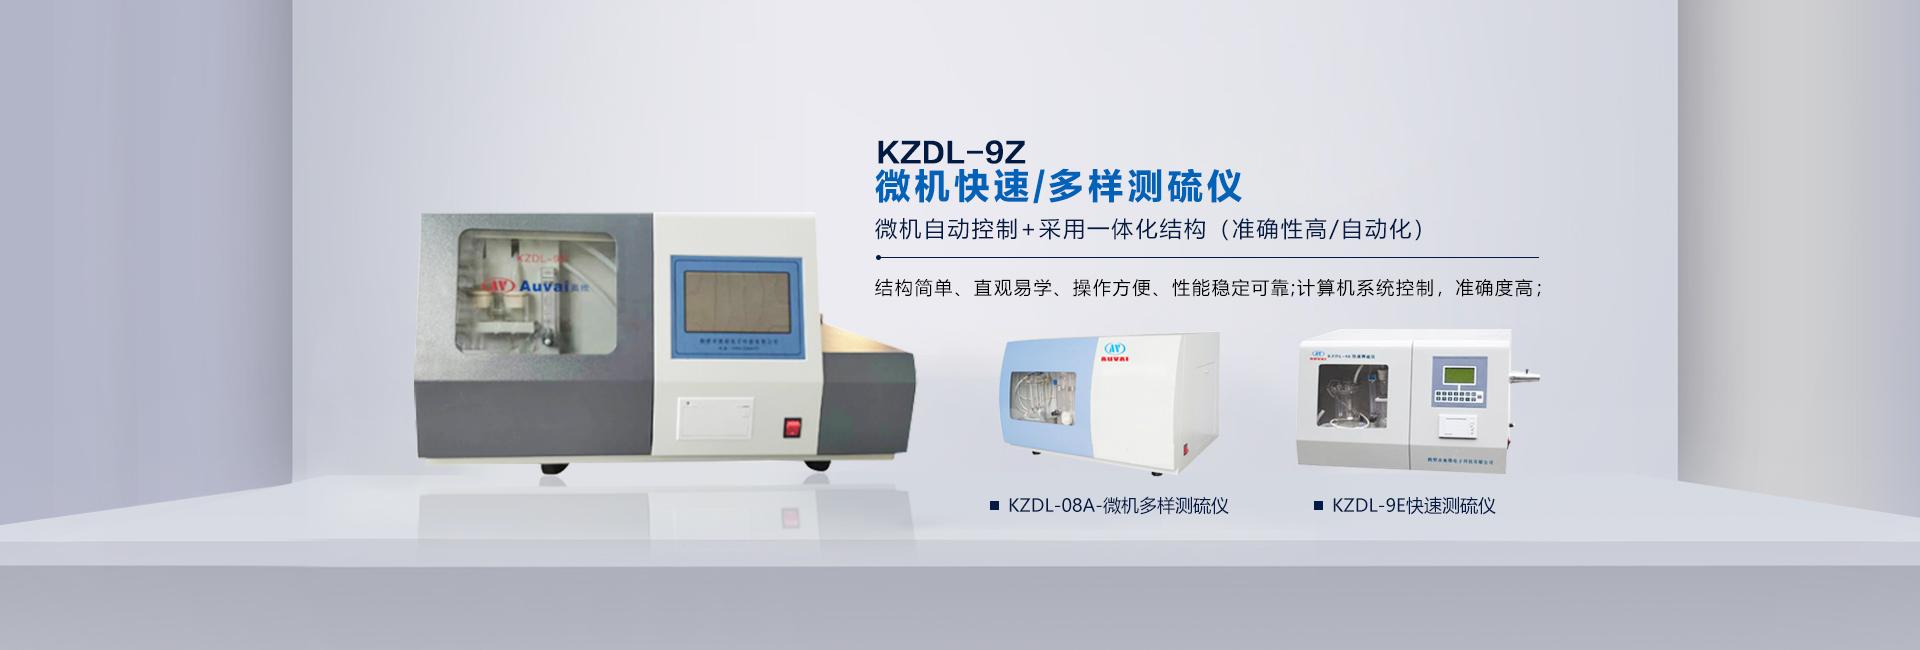 微机灰熔点测定仪,                                     快速智能定硫仪,                       专业煤炭化验仪器